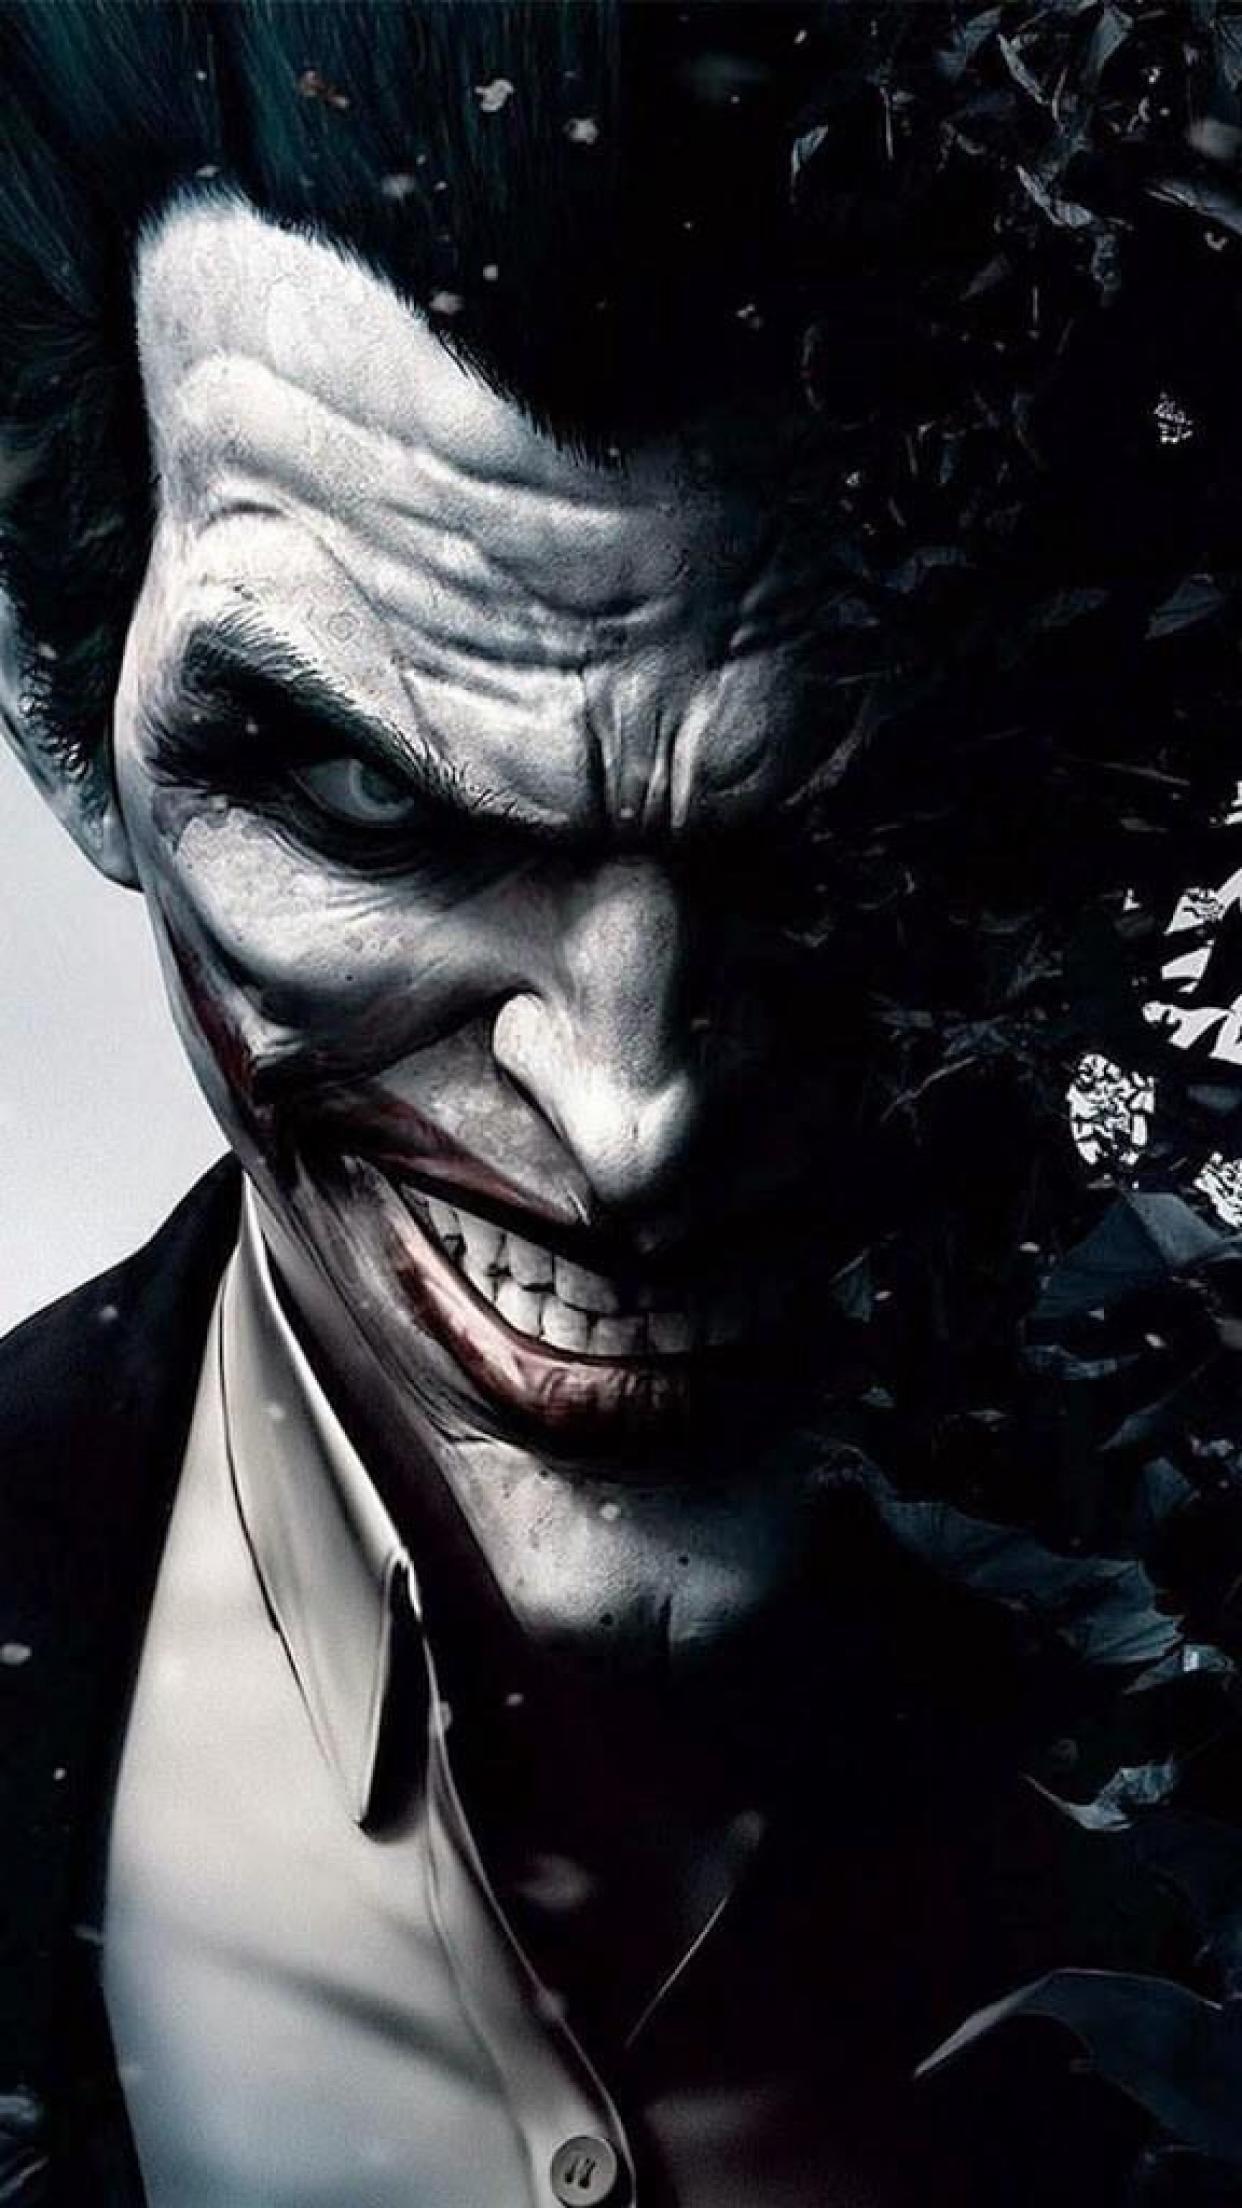 … Joker HD Iphone Wallpaper …